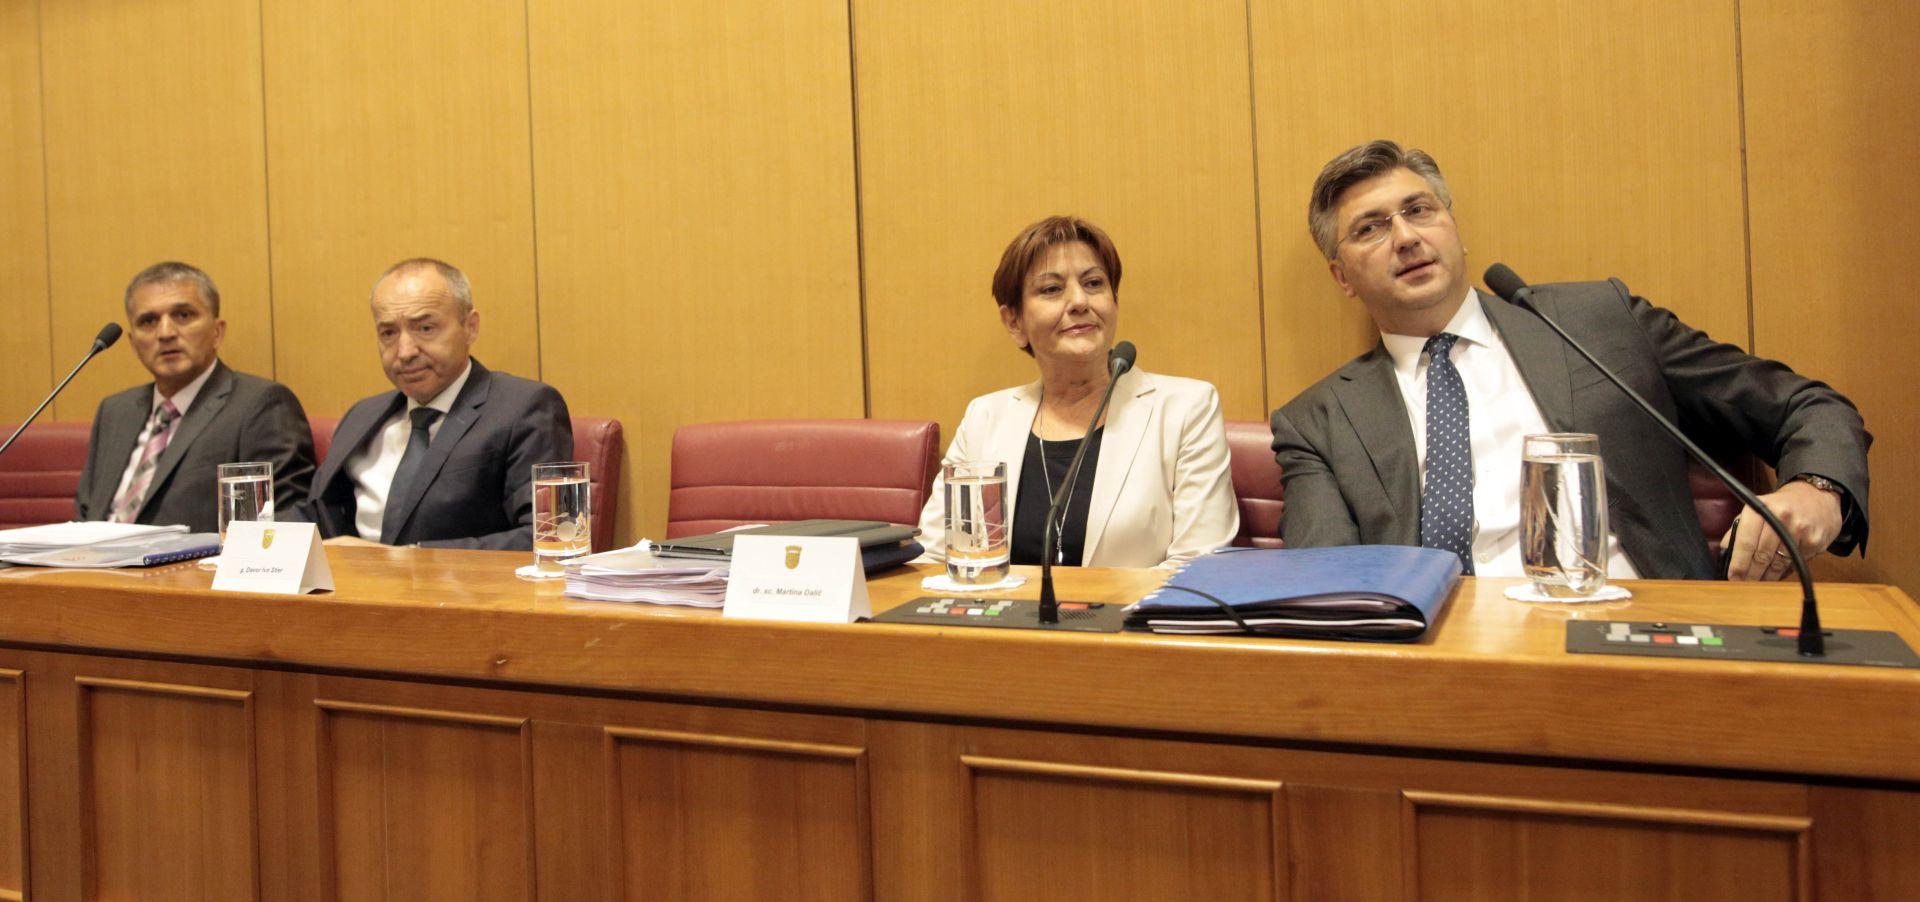 Odbačen oporbeni prijedlog za pokretanje povjerenja potpredsjednici Dalić